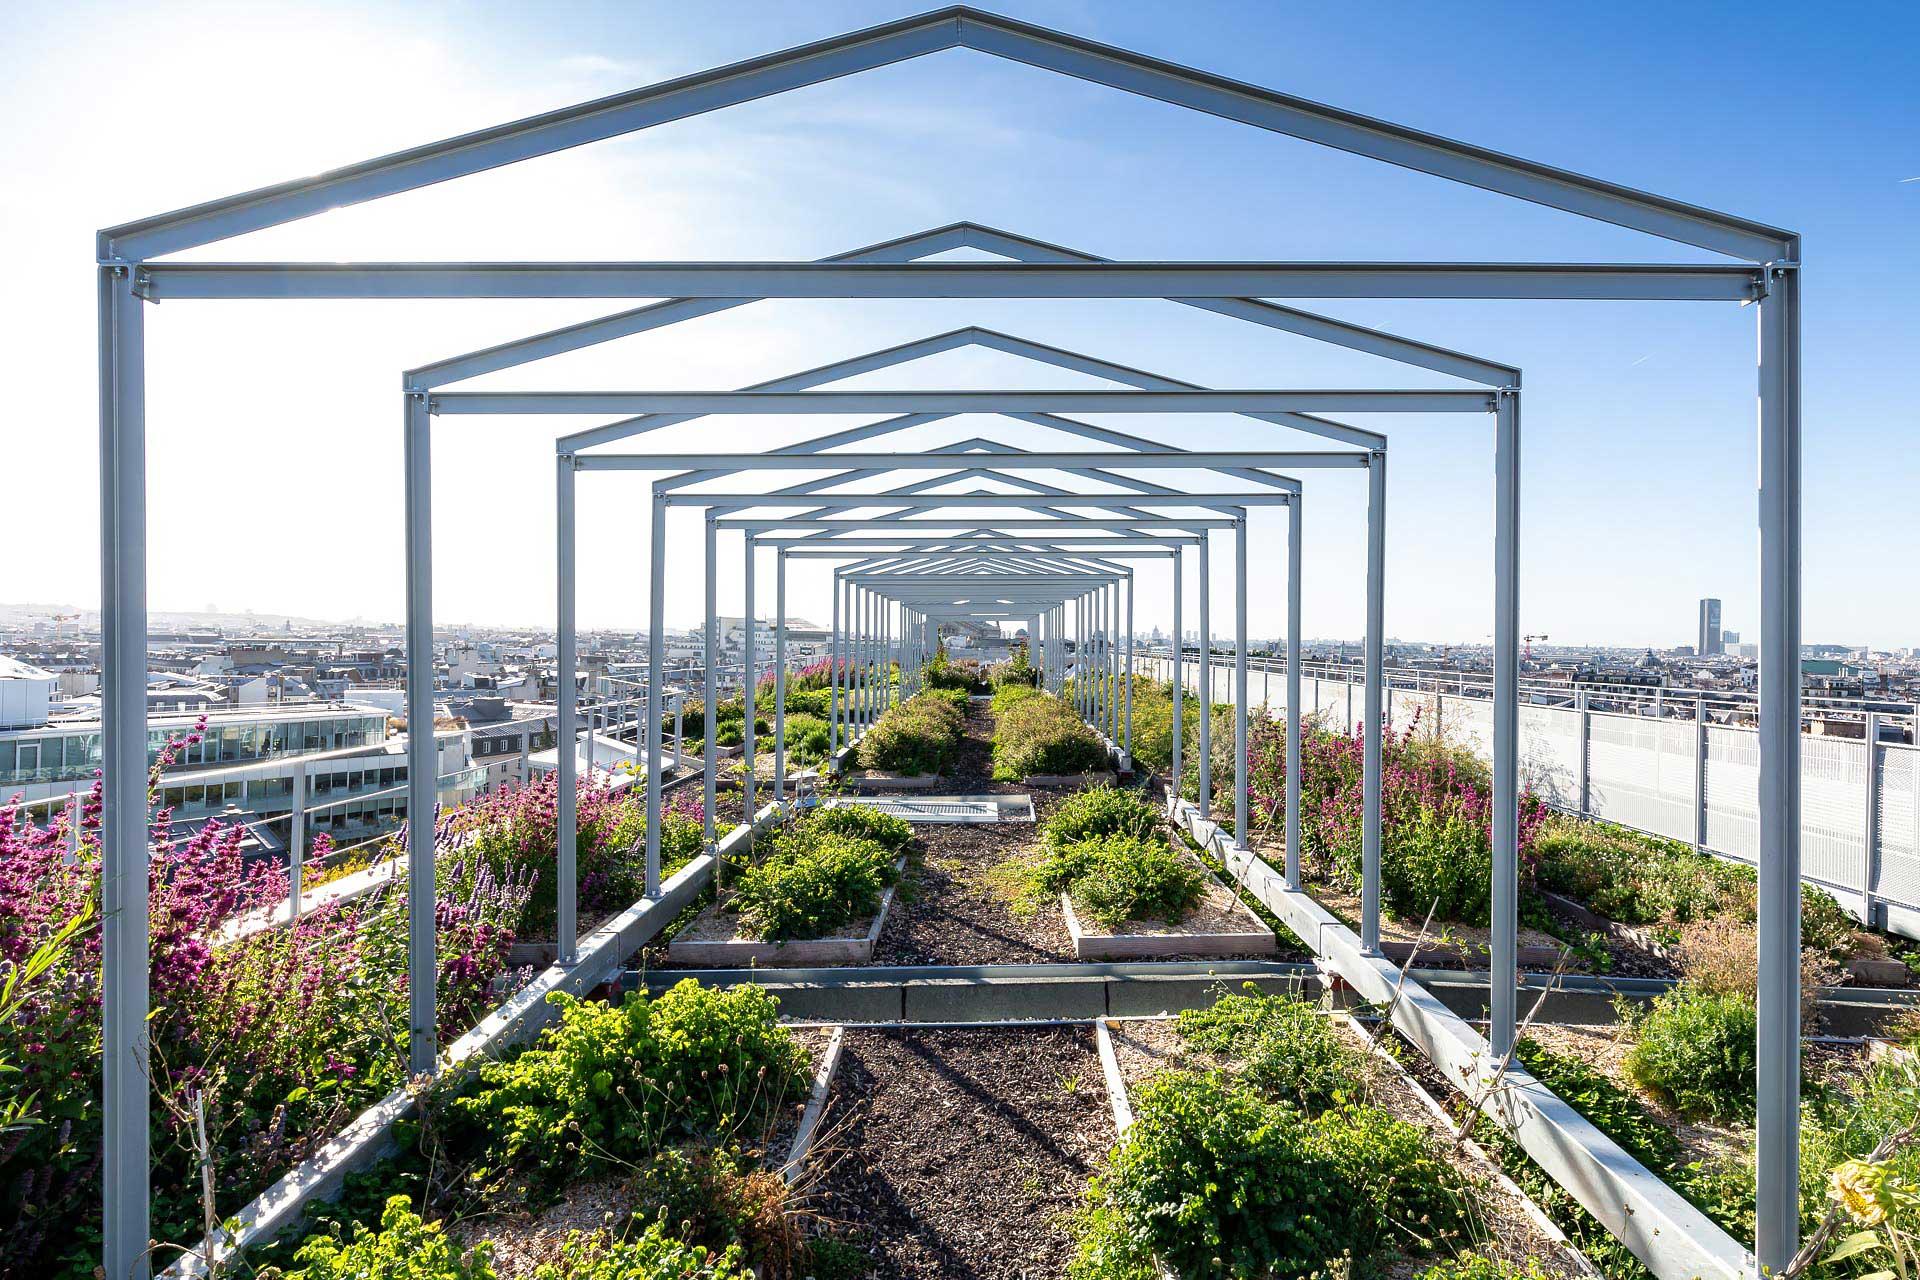 Paris : Hidden gardens